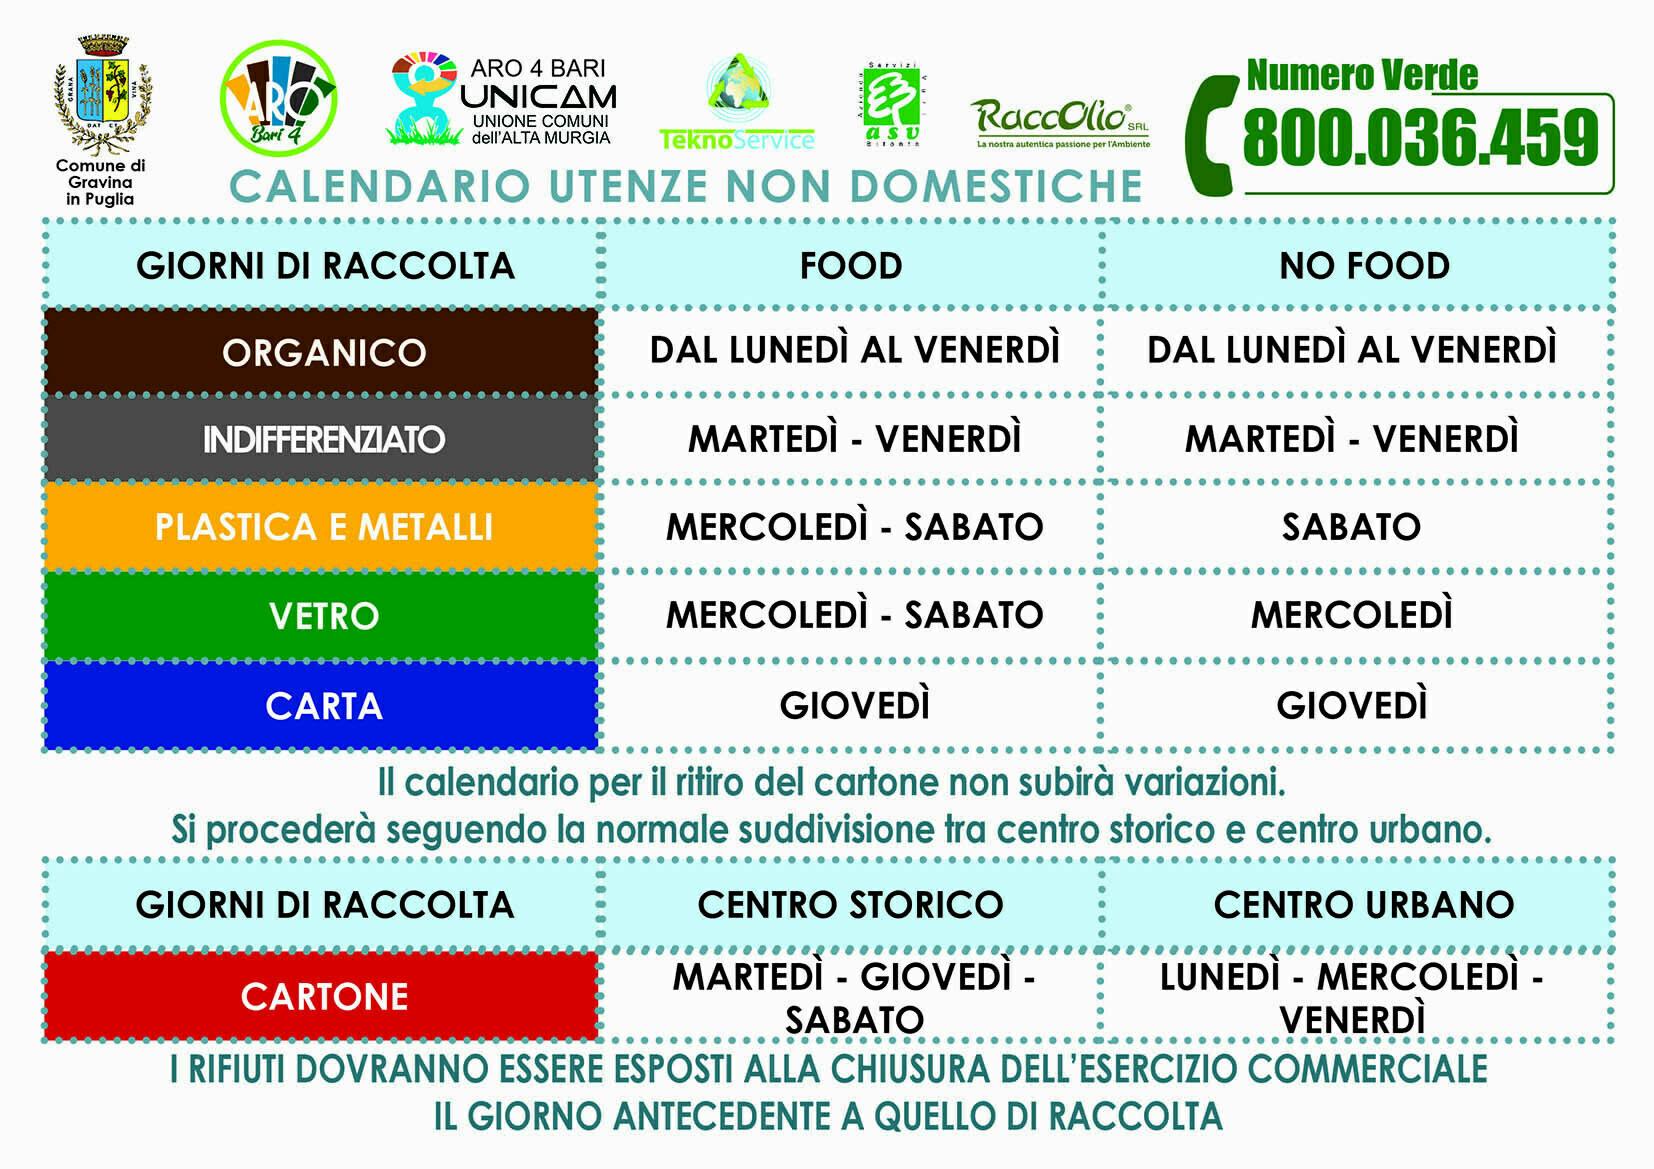 Calendario Raccolta Differenziata Sanremo.Gravina In Puglia Differenziata Modifiche Al Calendario Di